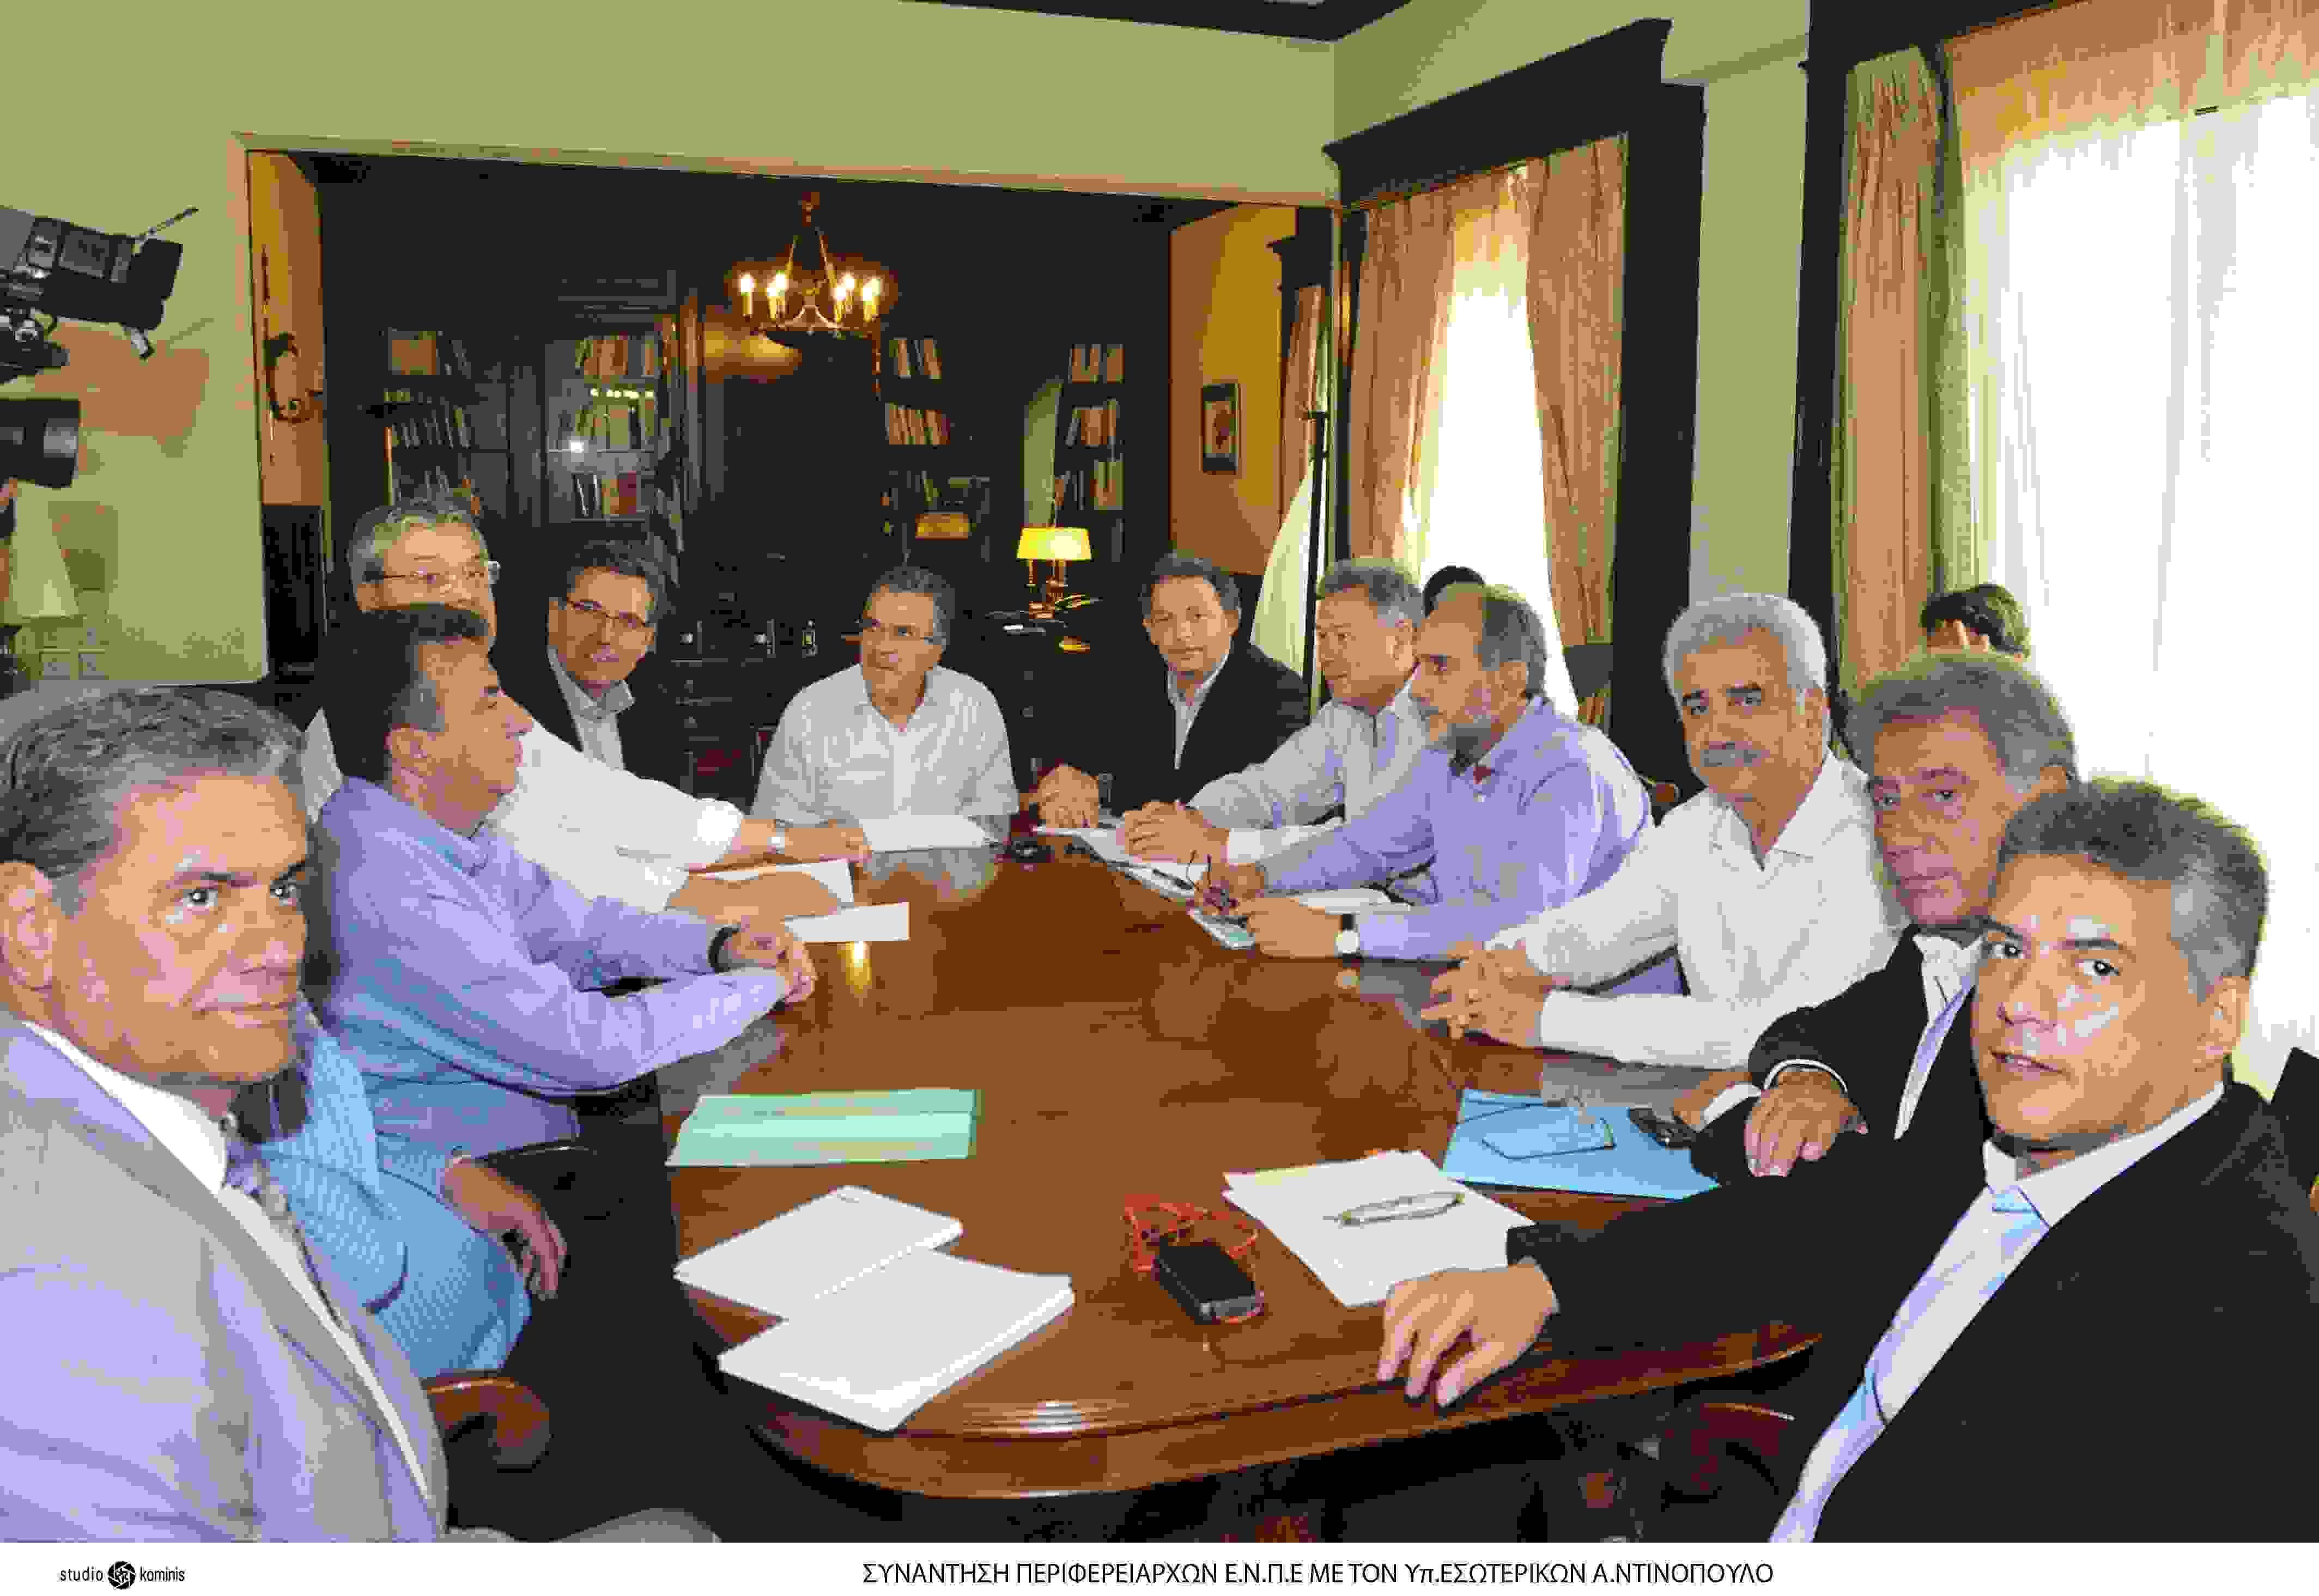 Συνάντηση Περιφερειαρχών με Υπουργό Εσωτερικών κ. Ντινόπουλο